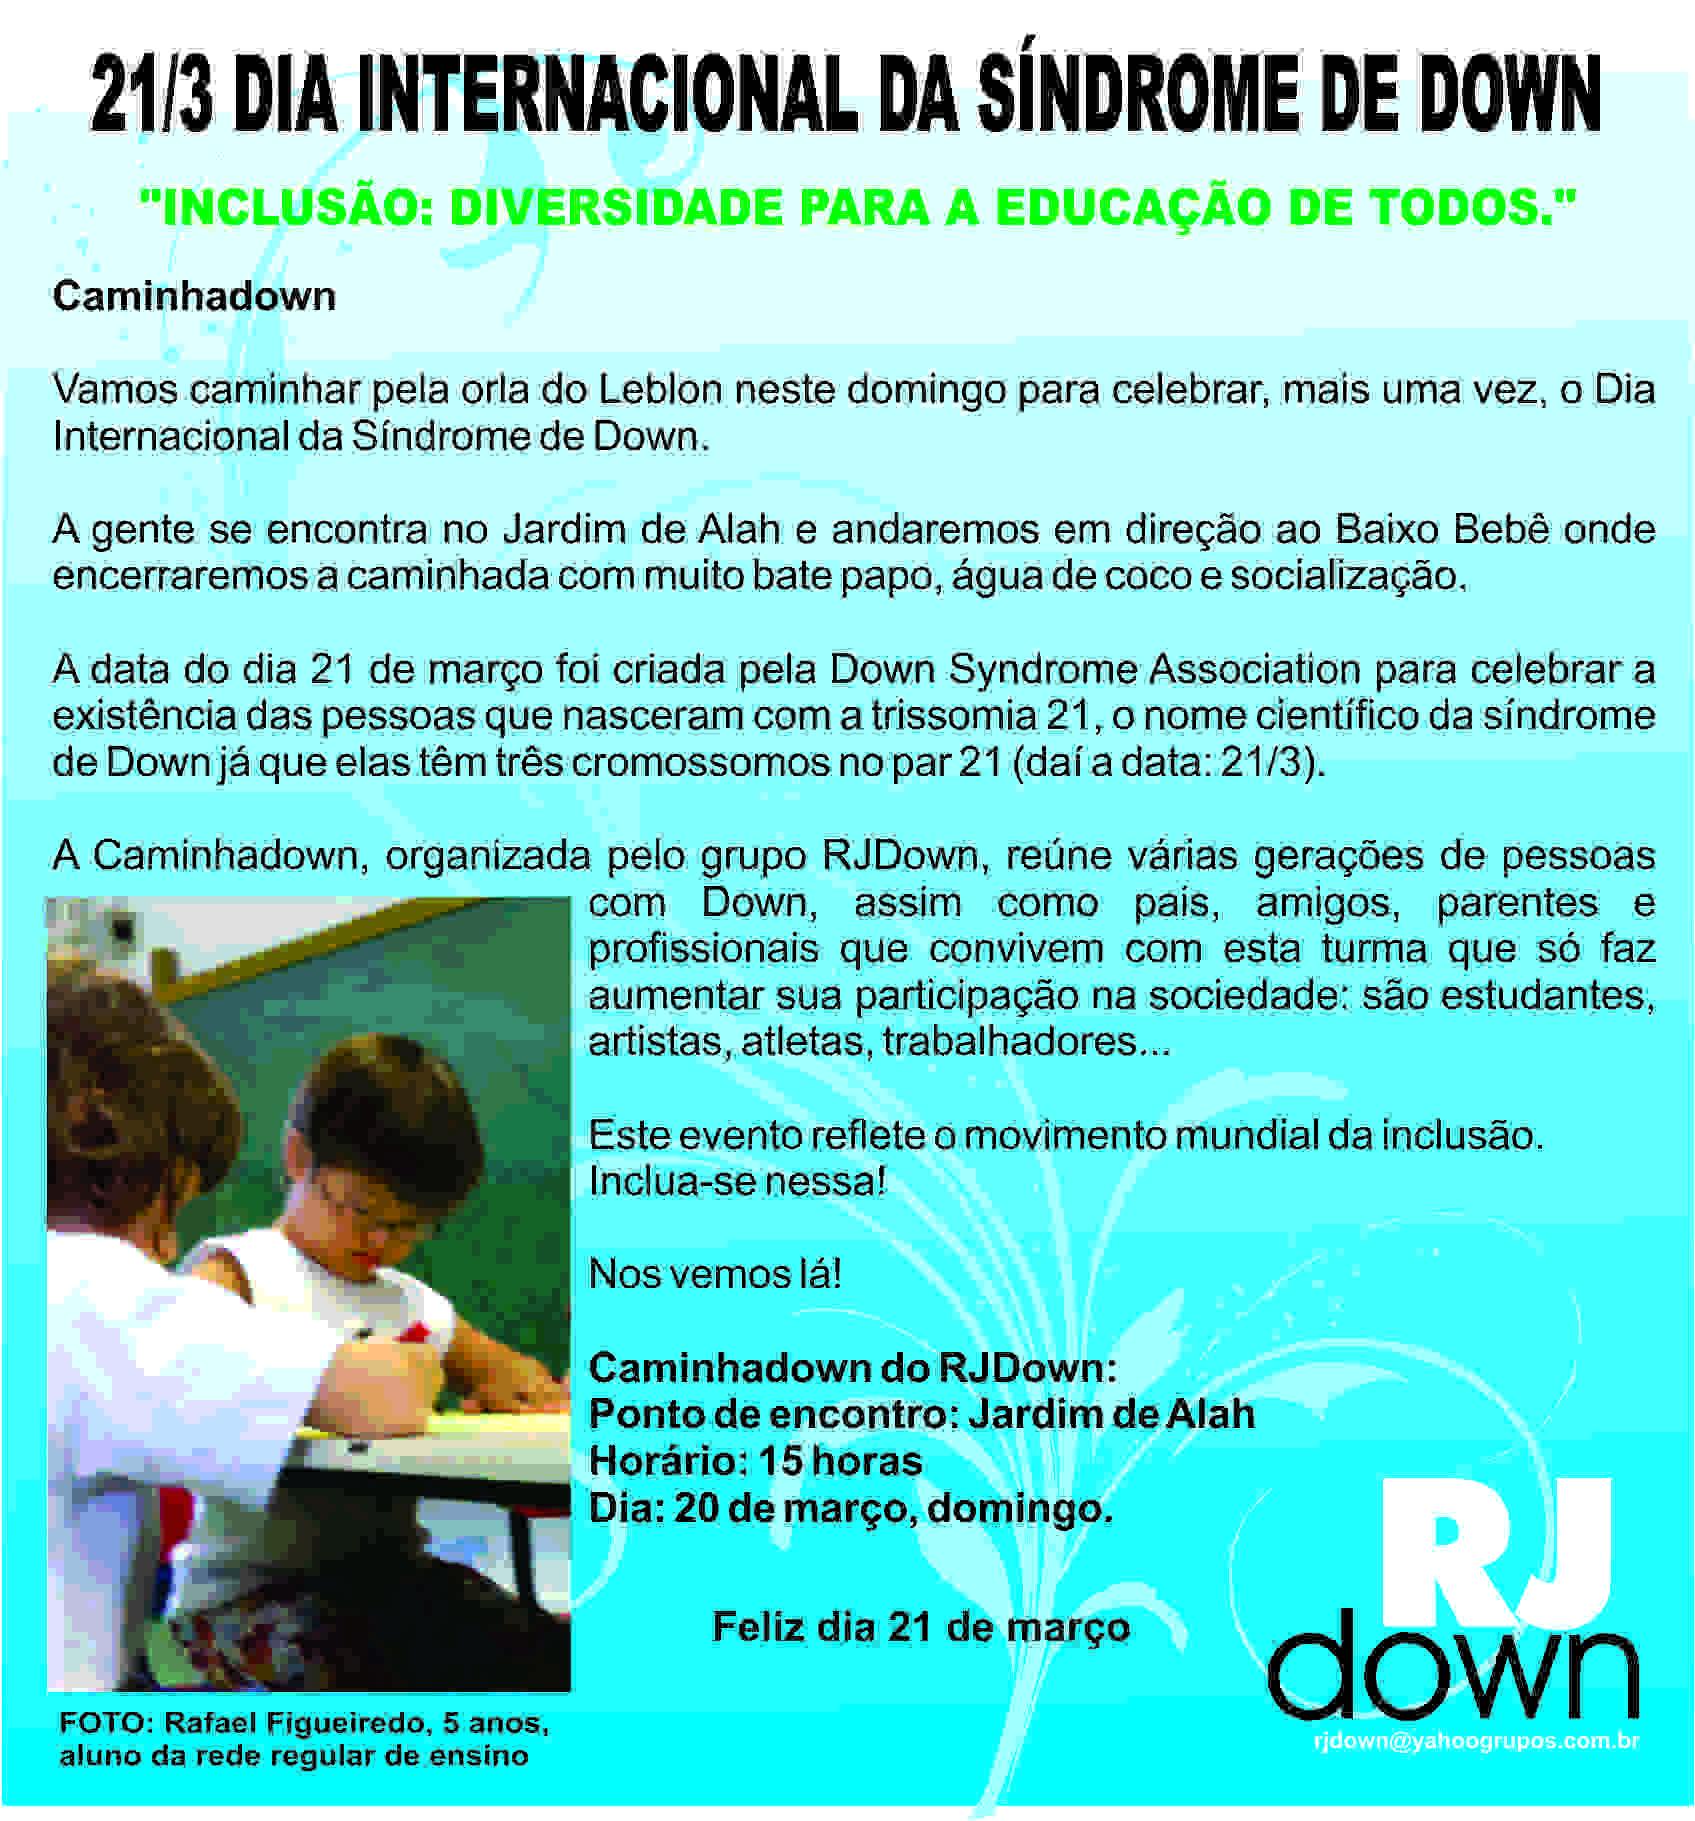 Convite para a CaminhaDown do dia Internacional da Síndrome de Down - texto abaixo, foto de Rafael Figueiredo, 5 anos, aluno da rede regular de ensino